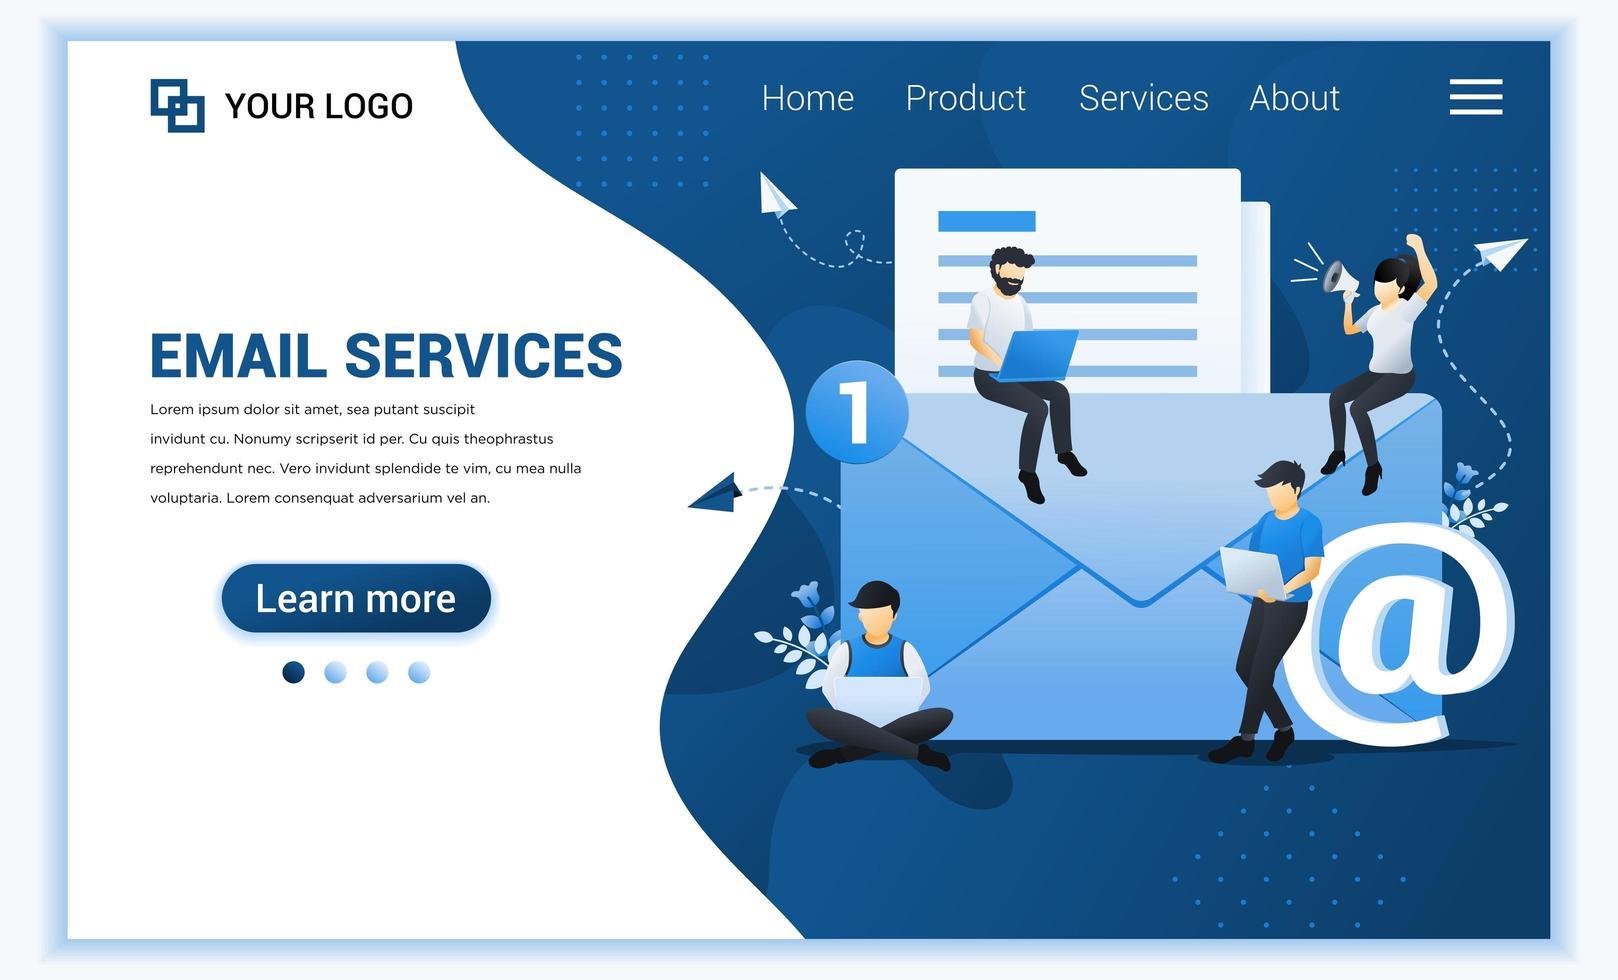 målsidesmall för e-postmarknadsföring, posttjänster med tecken. modernt platt webbdesignkoncept för webbplats och mobilwebbplats. vektor illustration